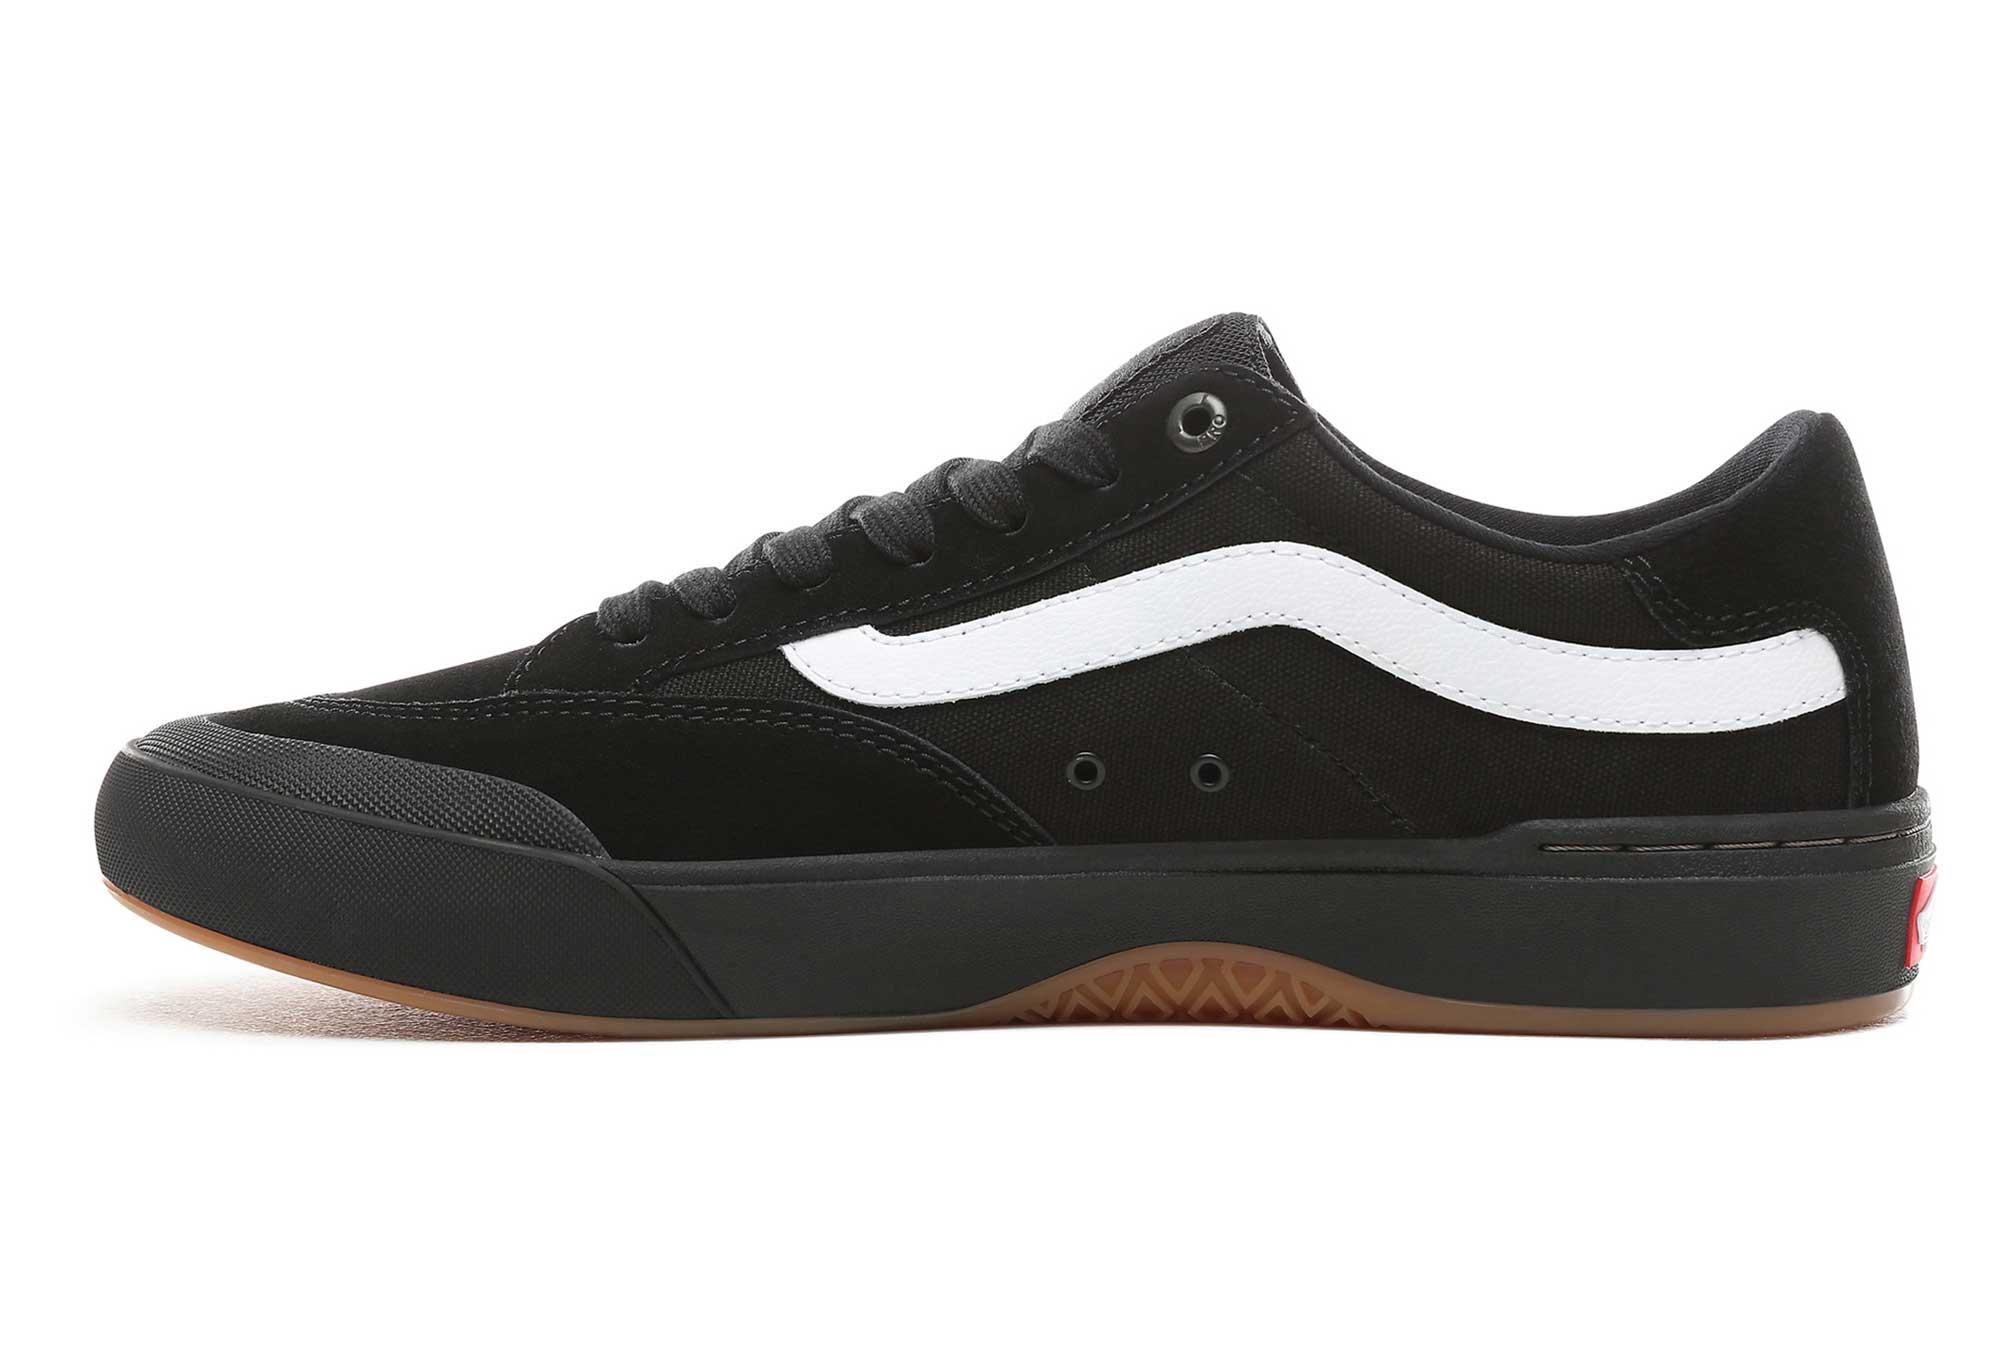 Vans Shoes Berle Pro Black White